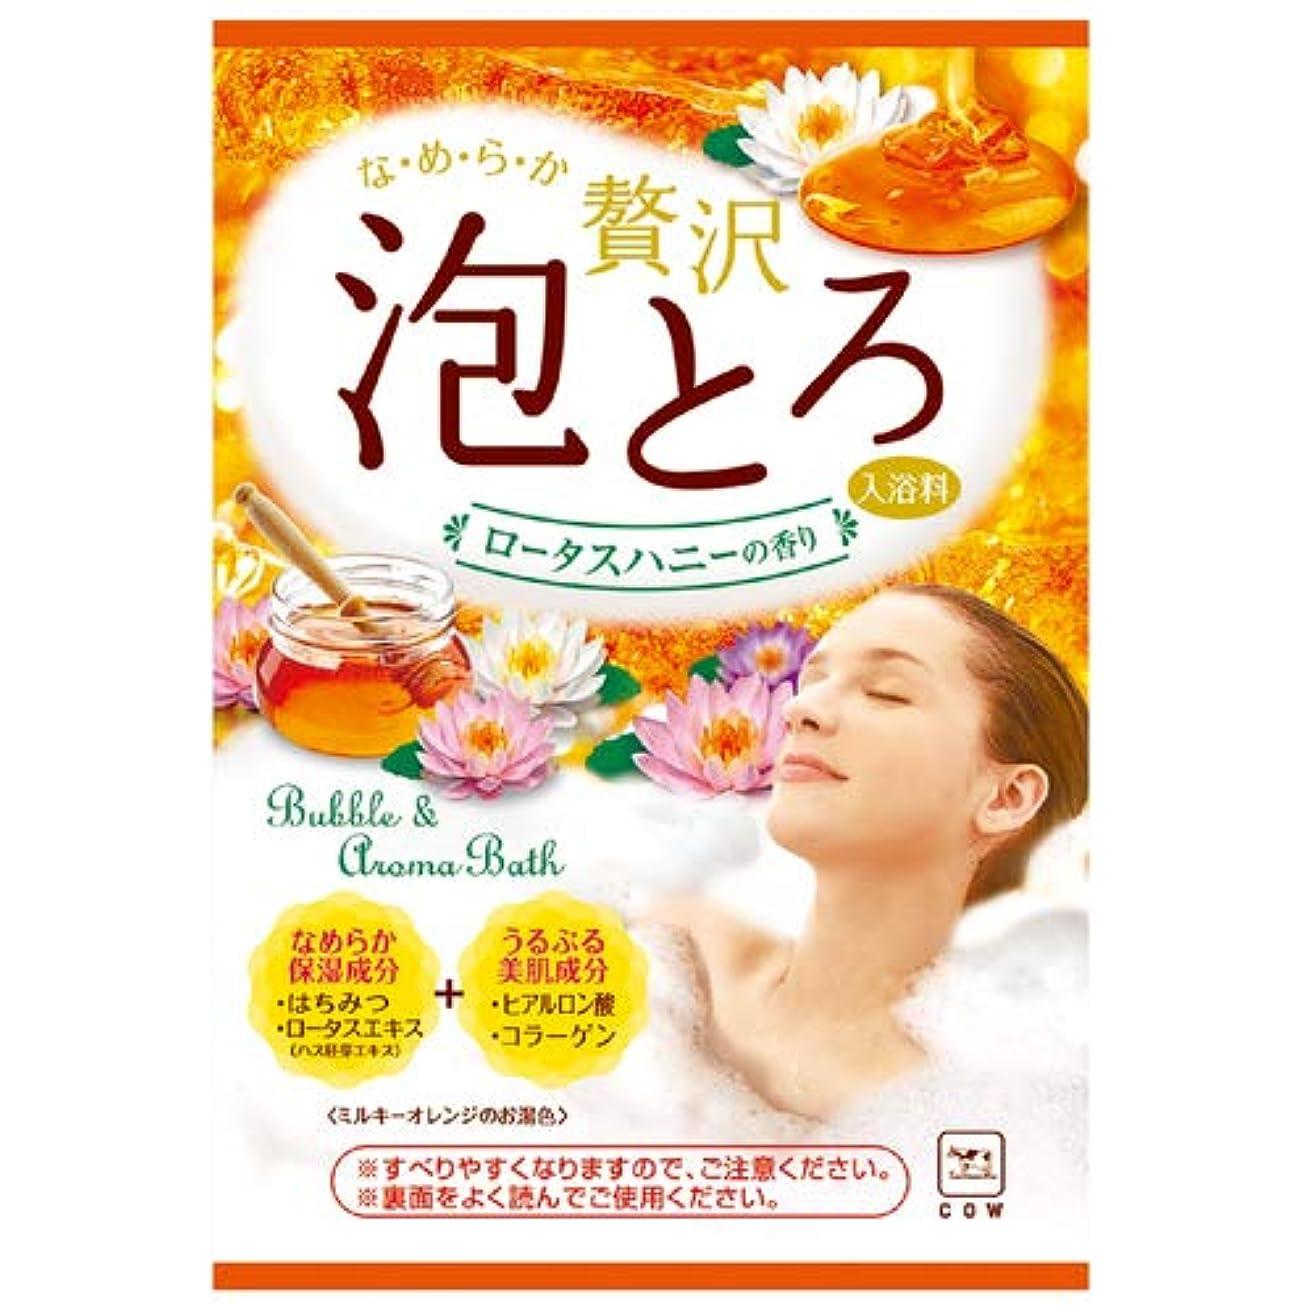 スプリットトチの実の木敵お湯物語 贅沢泡とろ入浴料 ロータスハニーの香り 30g